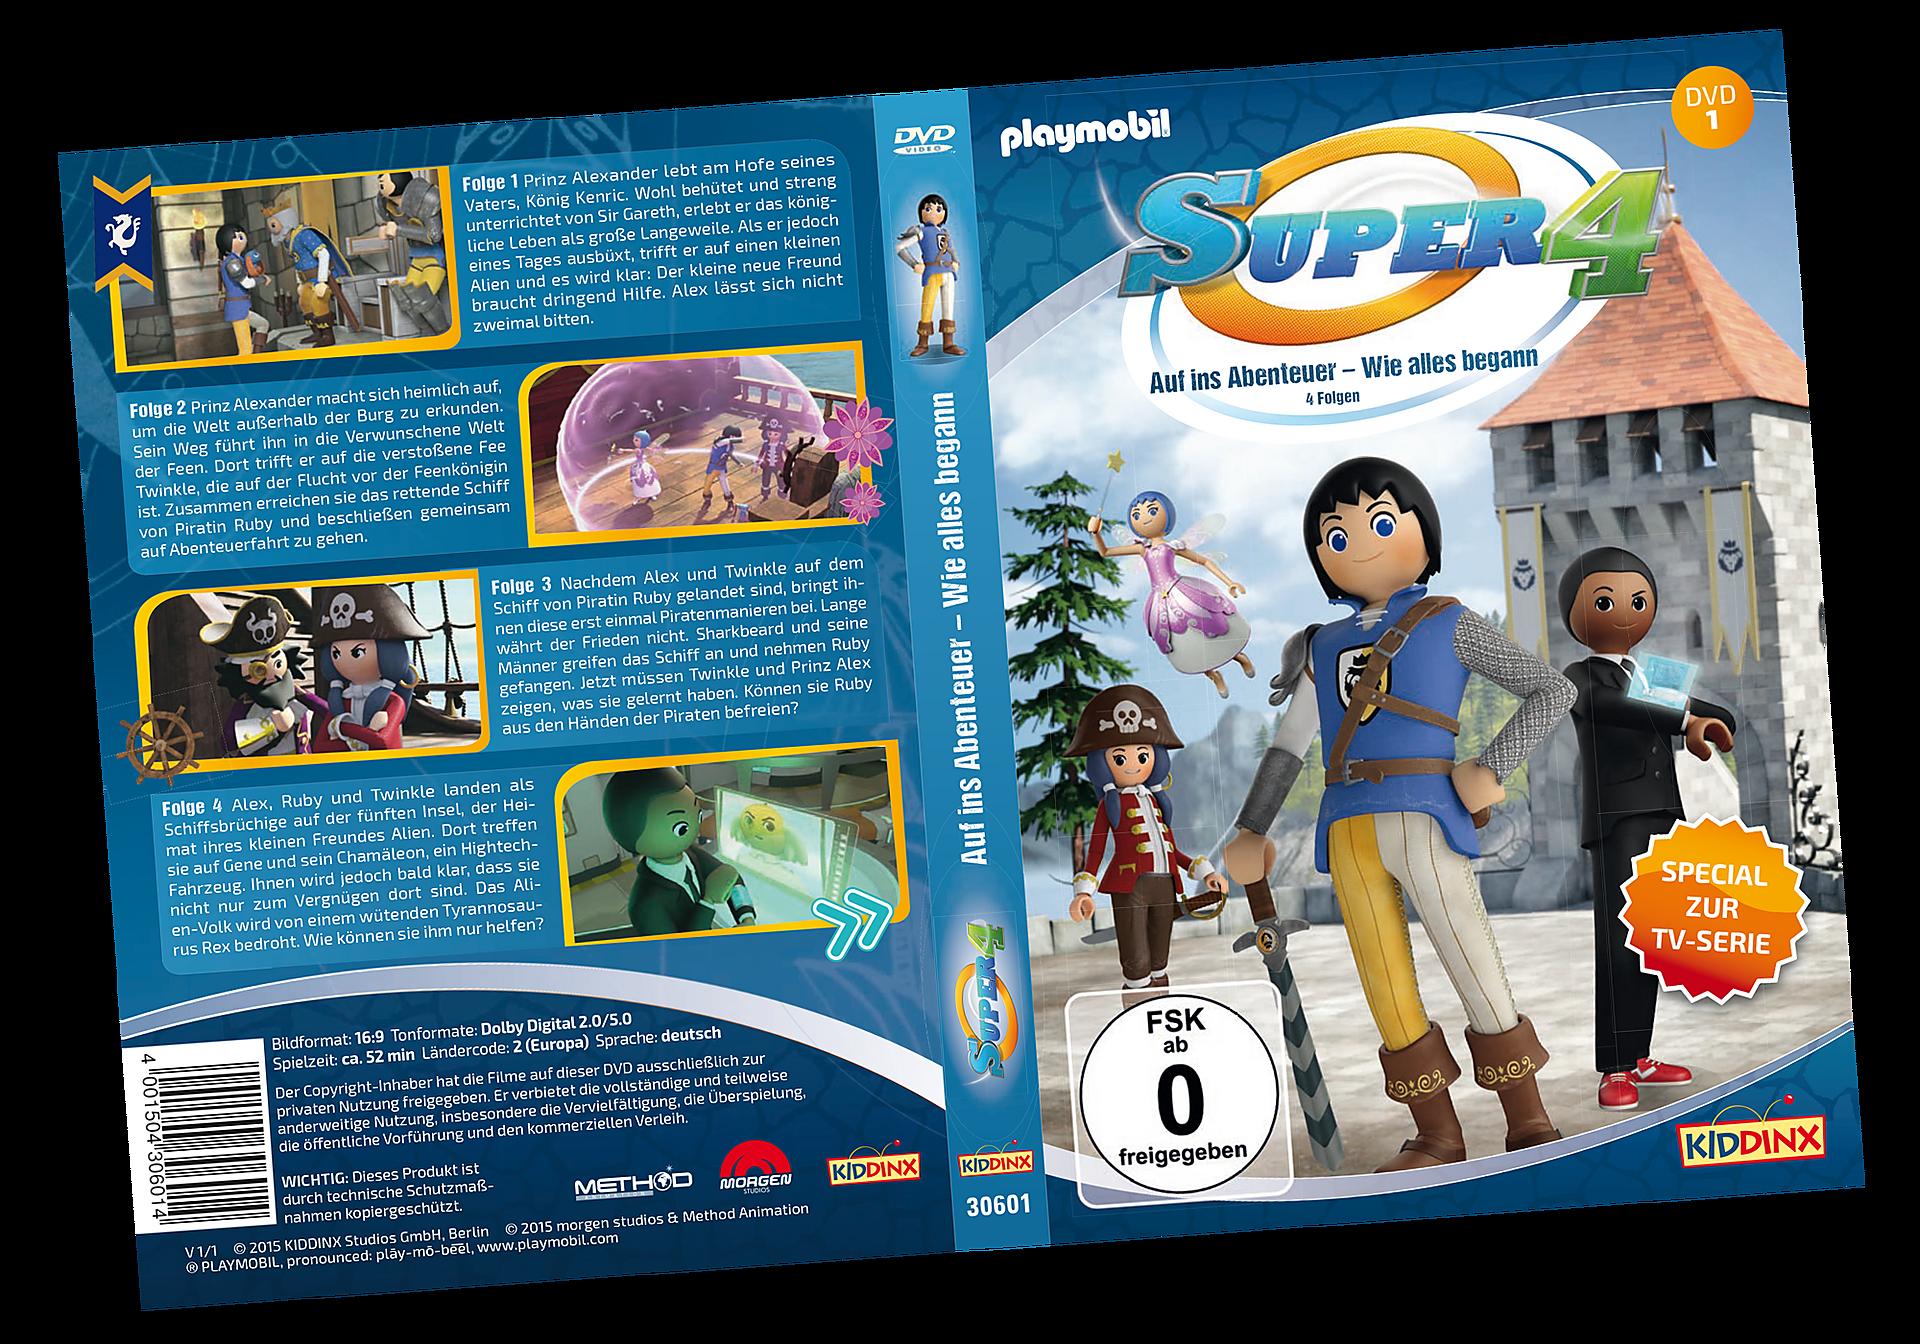 80476 DVD 1 Super4: Auf ins Abenteuer - Wie alles begann zoom image1